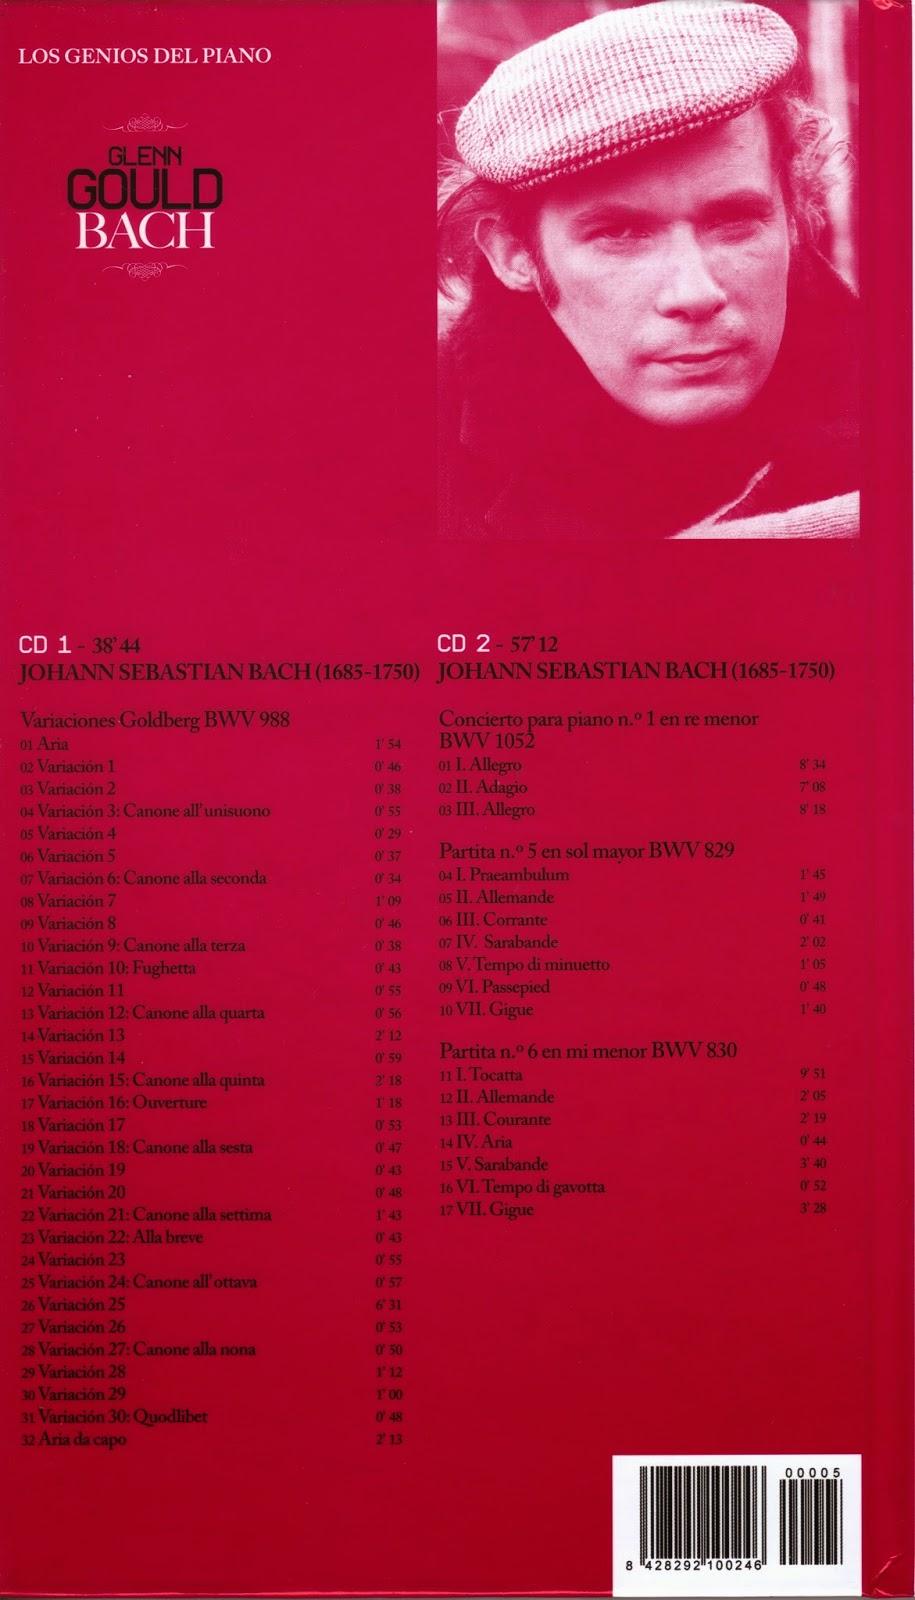 Imagen de Colección Los Genios del Piano-05-Glenn Gould & Bach-trasera